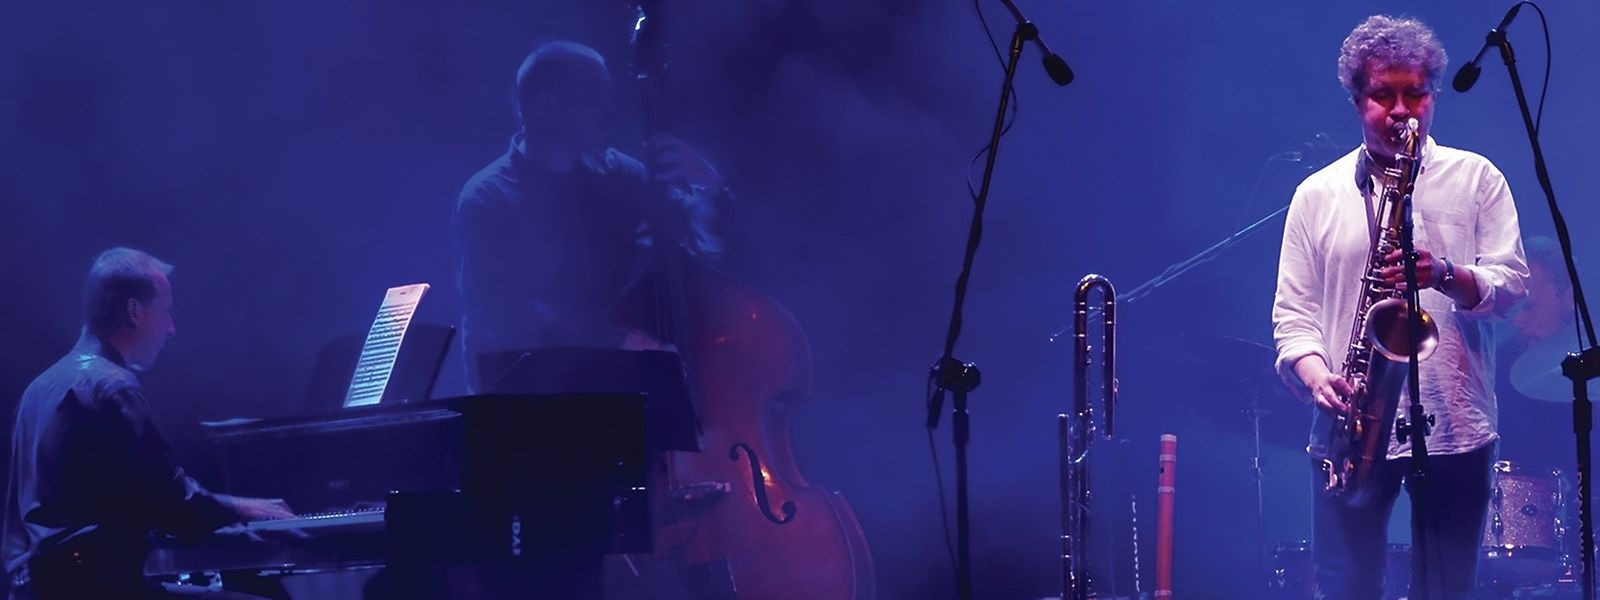 Le Hefi Quartet se produira dans le cadre du festival CinEast le 25 octobre.